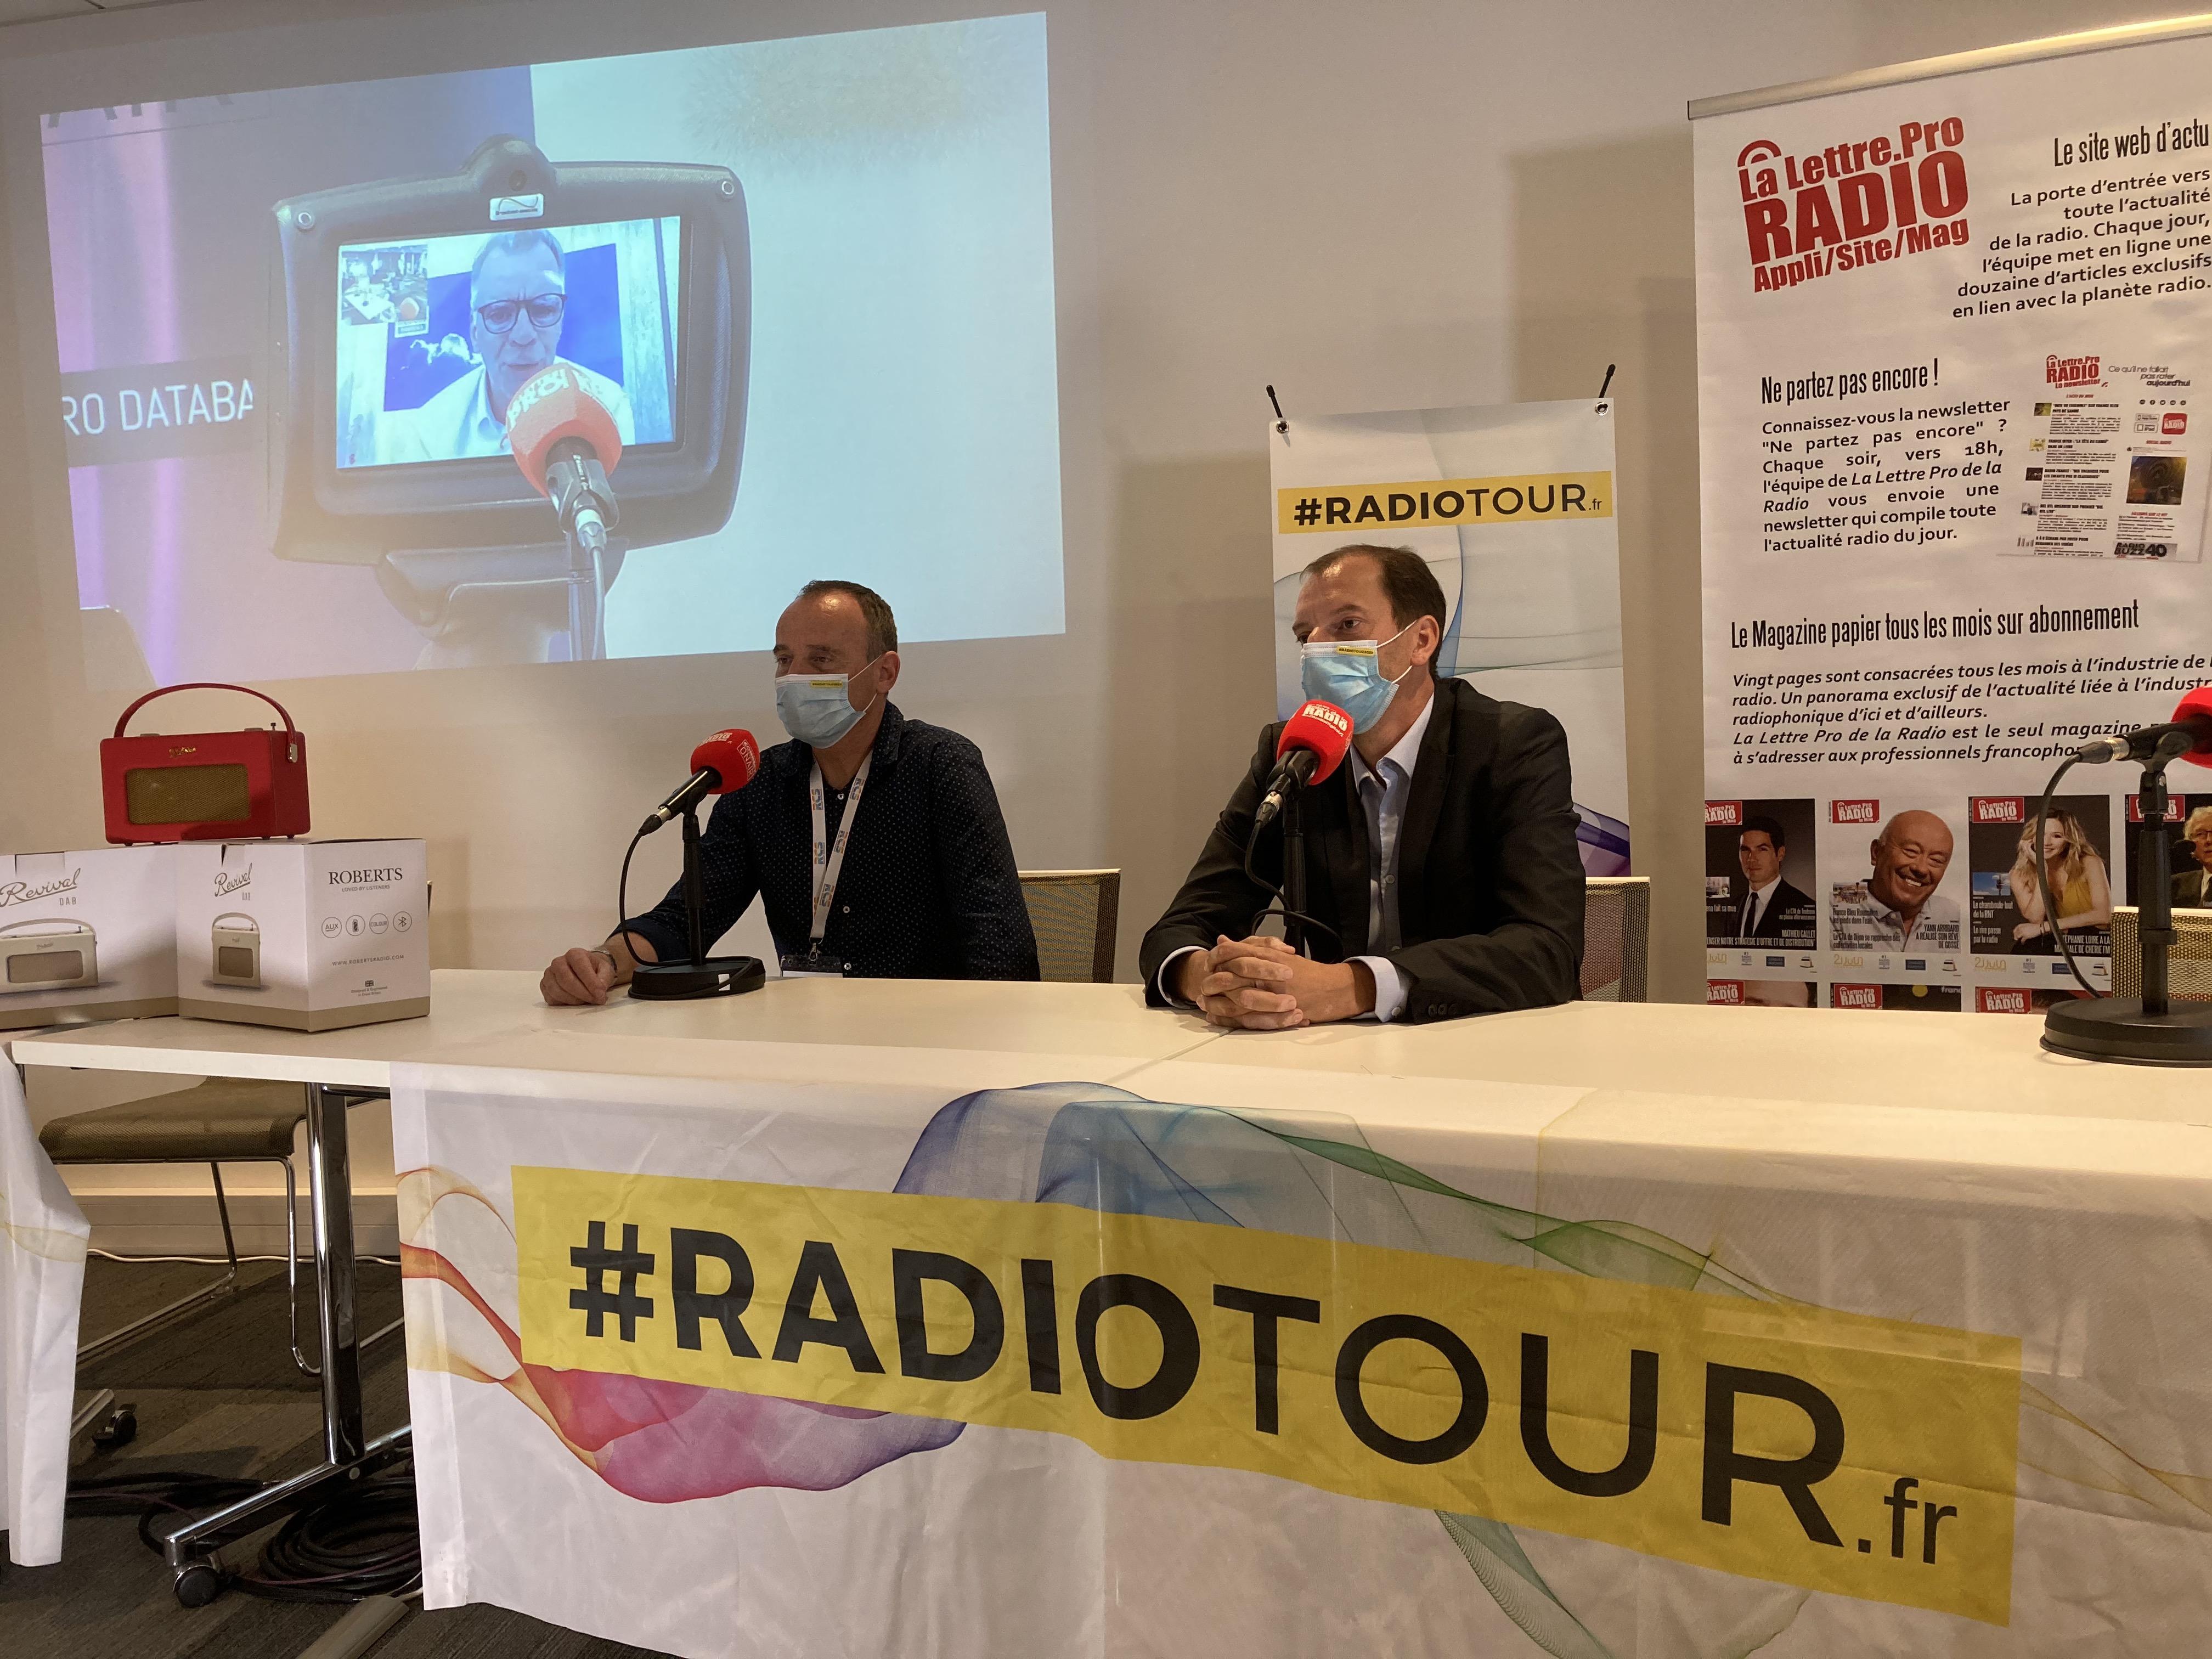 Franck Pelloux (K6FM) à gauche et Christophe Mercier (Vosges FM) à droite, ce matin au RadioTour à Nancy